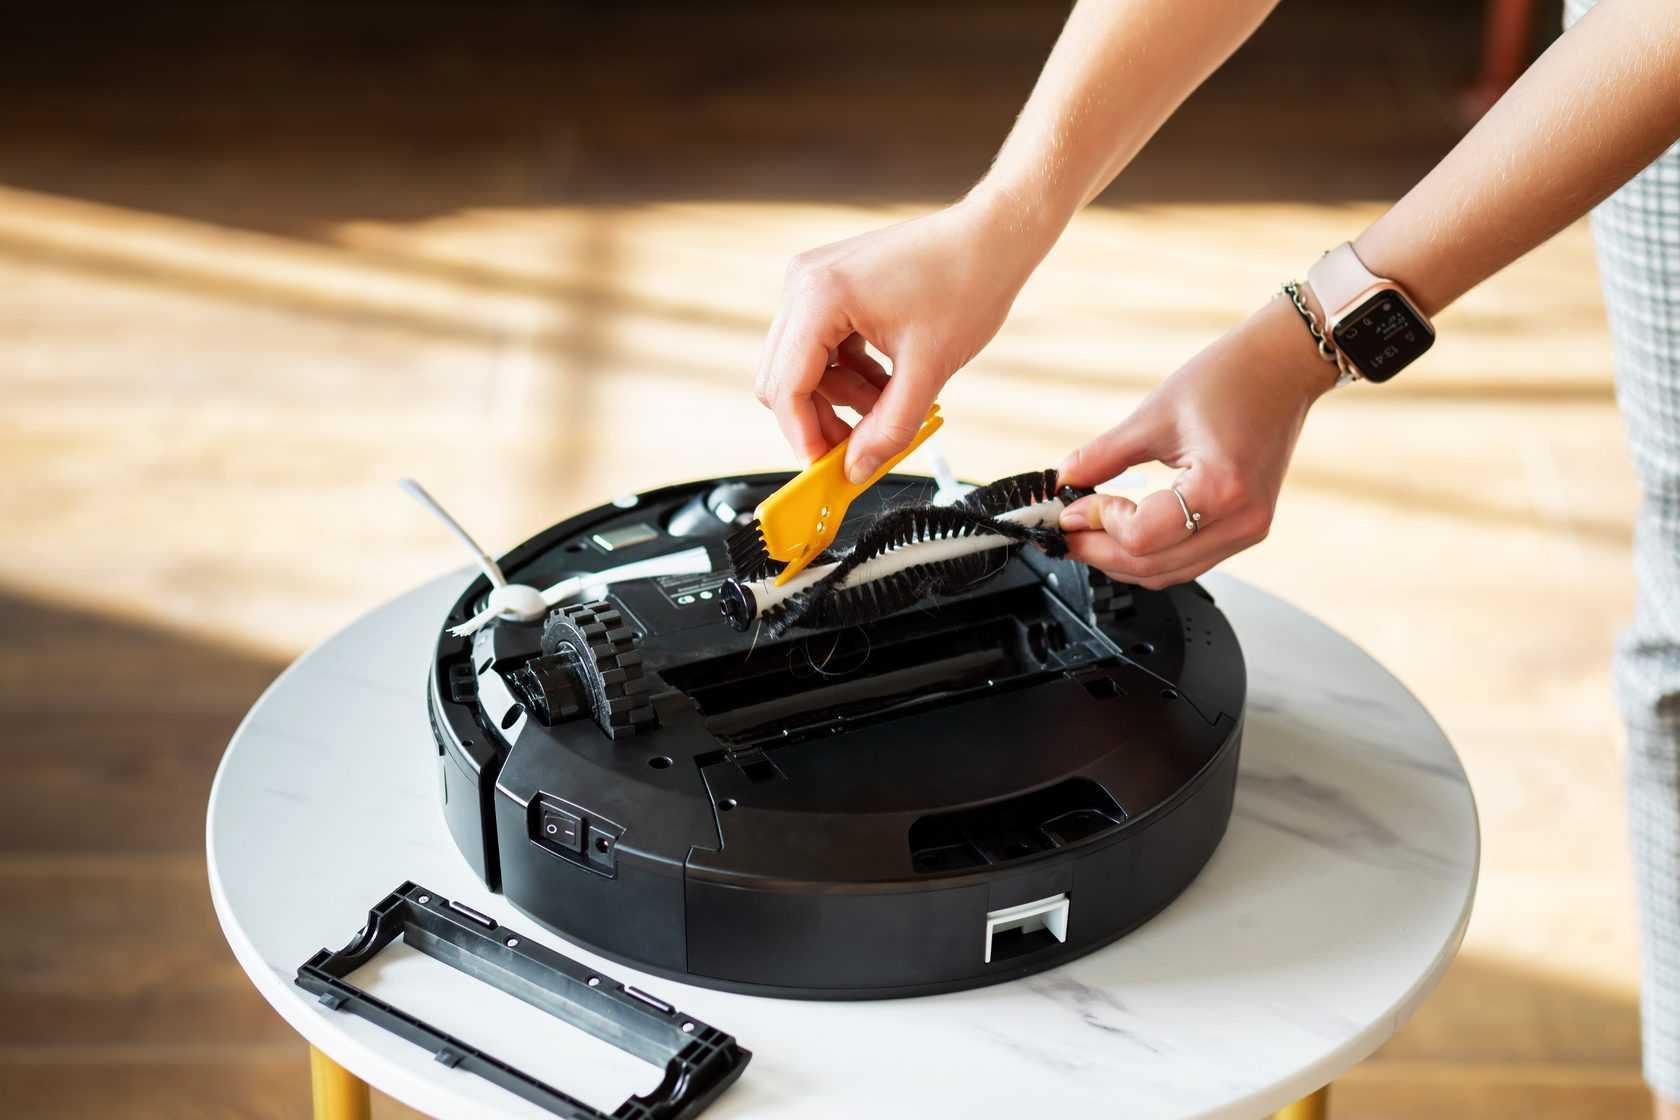 Стоит ли покупать робот пылесос: особенности конструкции, преимущества и недостатки, отзывы